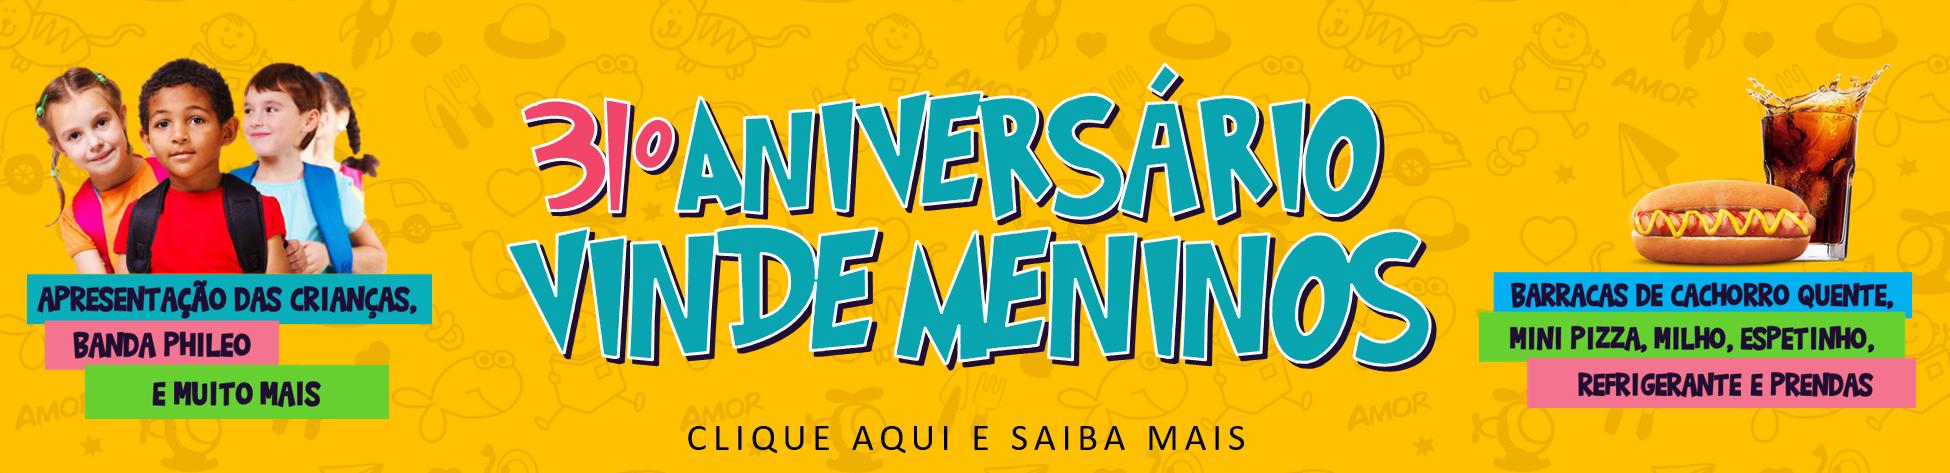 ANIVERSÁRIO VINDE MENINOS